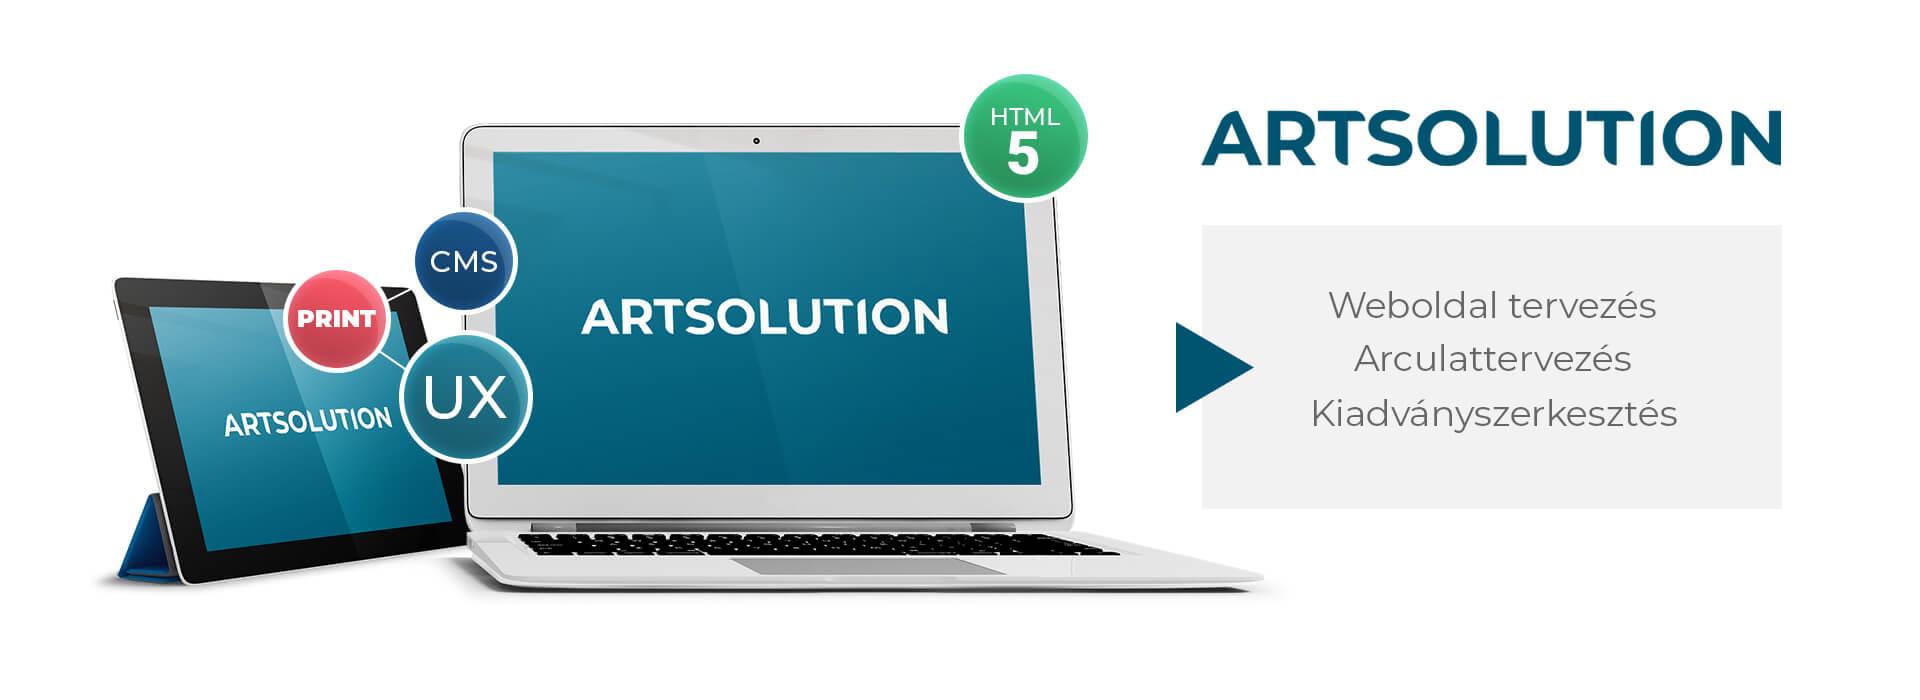 Artsolution - Weboldal tervezés, arculattervezés, kiadványszerkesztés, reklámgrafika